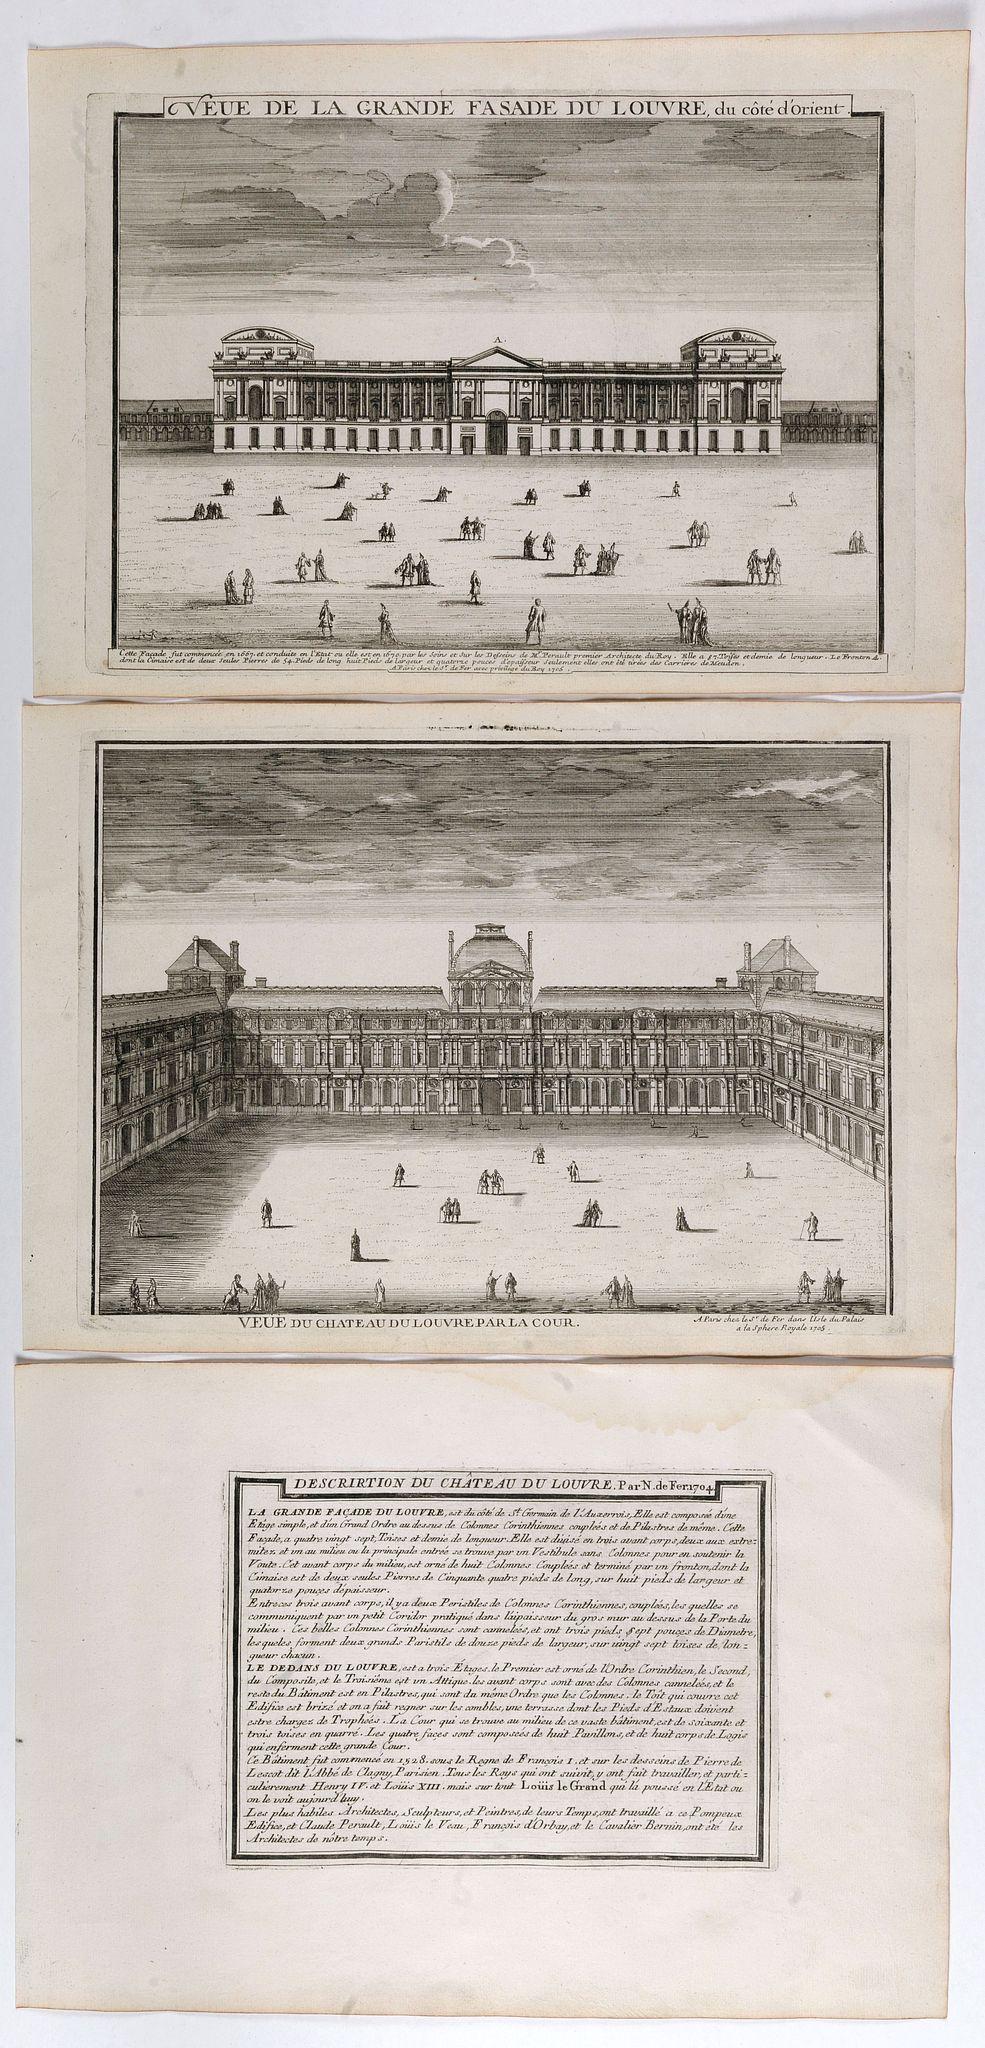 DE FER, N. -  Veue de la grande fasade du Louvre, du côté d'orient  [together with] Veue du château du Louvre par la cour.